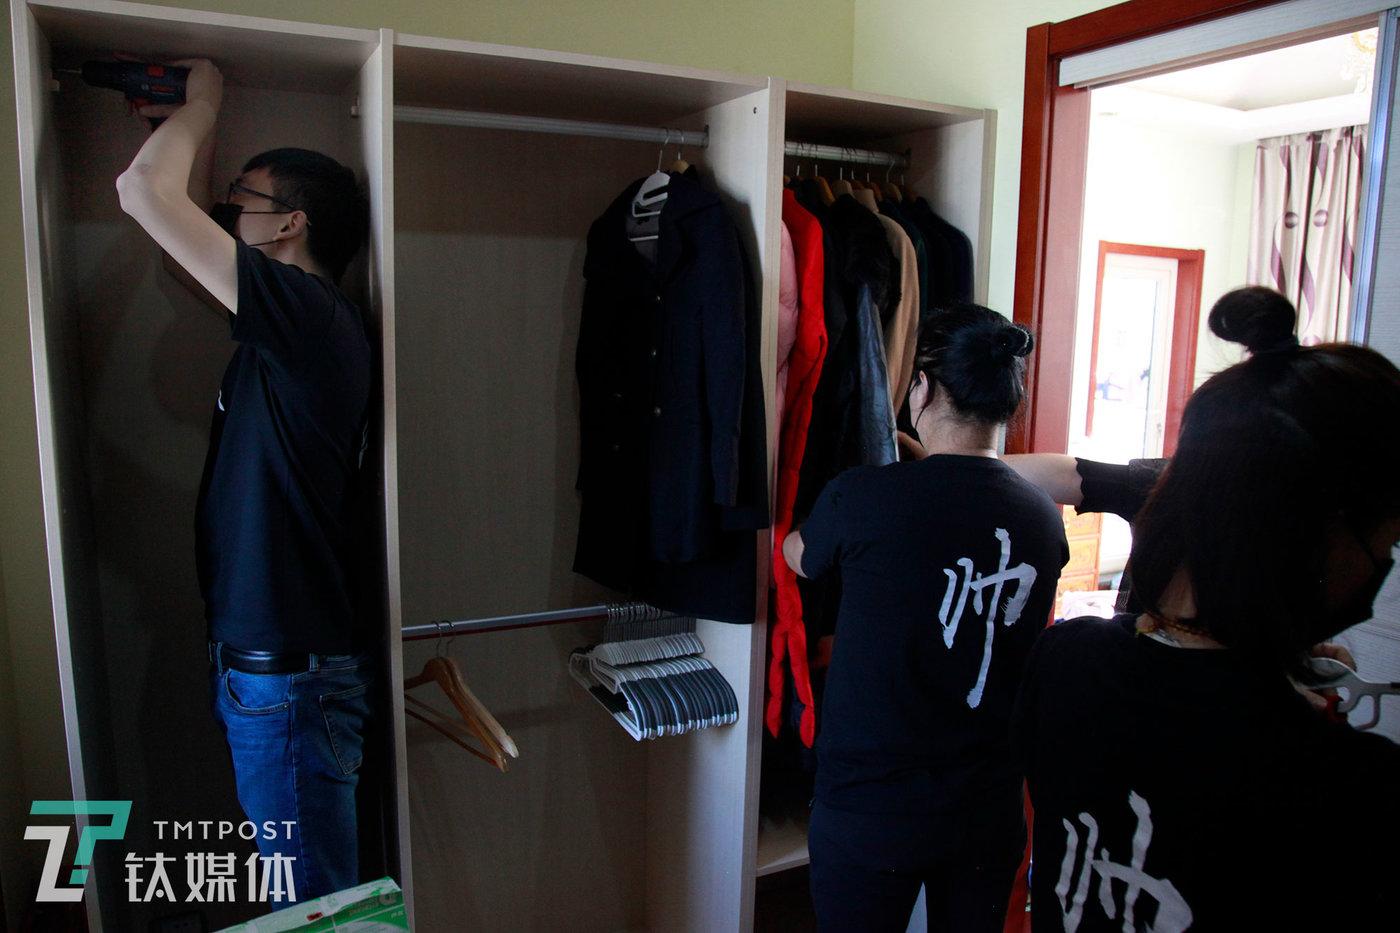 邵帅衣橱管理团队成员尹阔(左)正在对衣橱进行内部改造,其他伙伴则在一旁整理衣服。